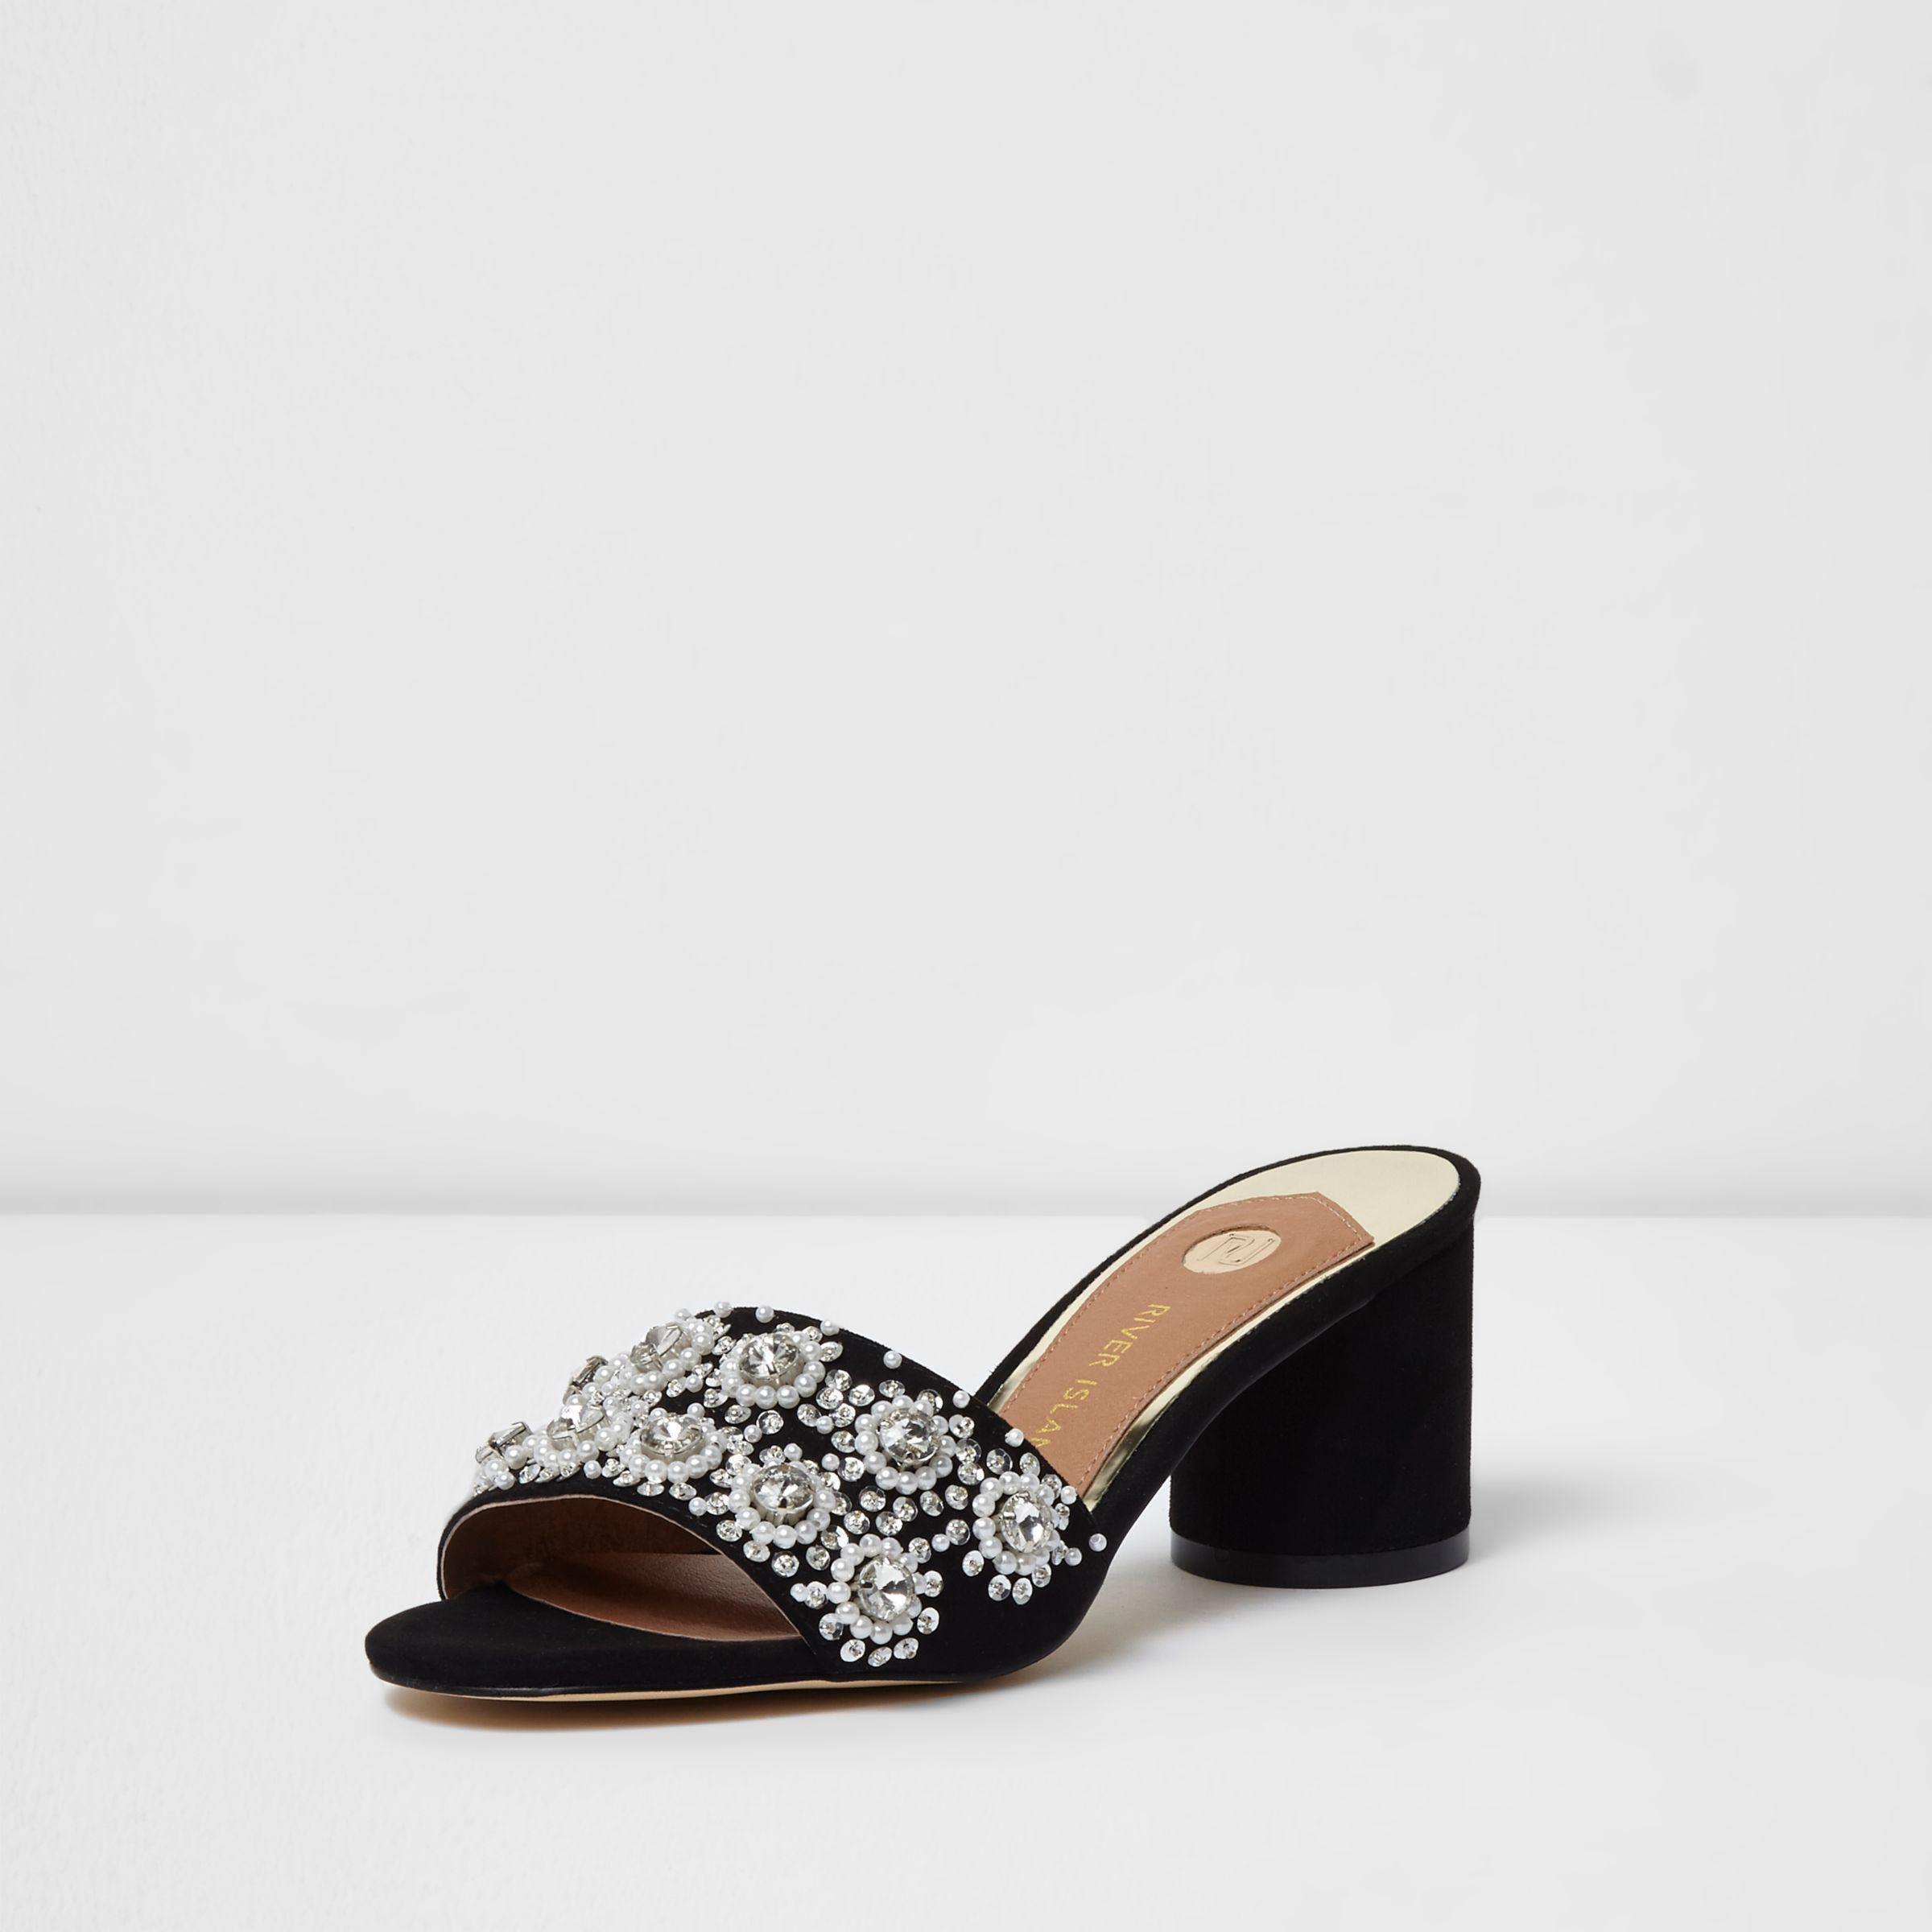 8df759d3b40 River Island Black Diamante Embellished Block Heel Mules in Black - Lyst